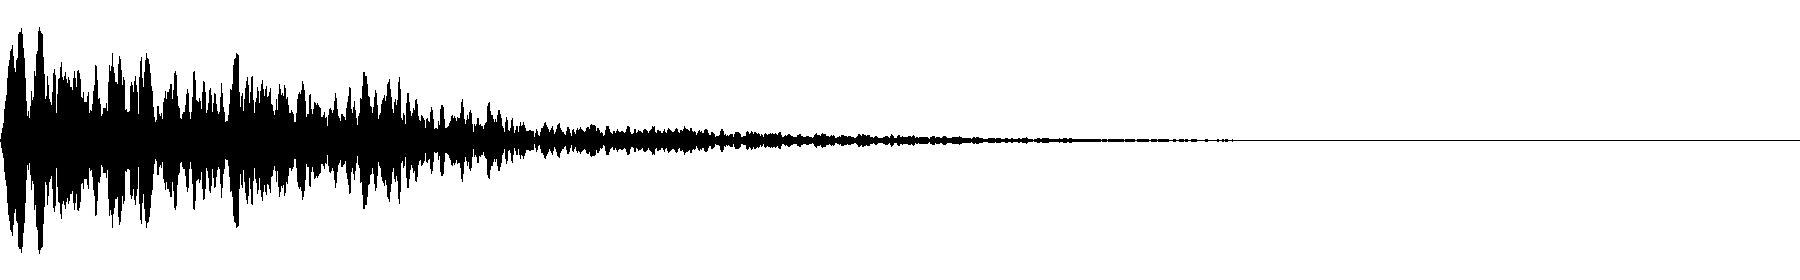 bluezone xworld sound 116